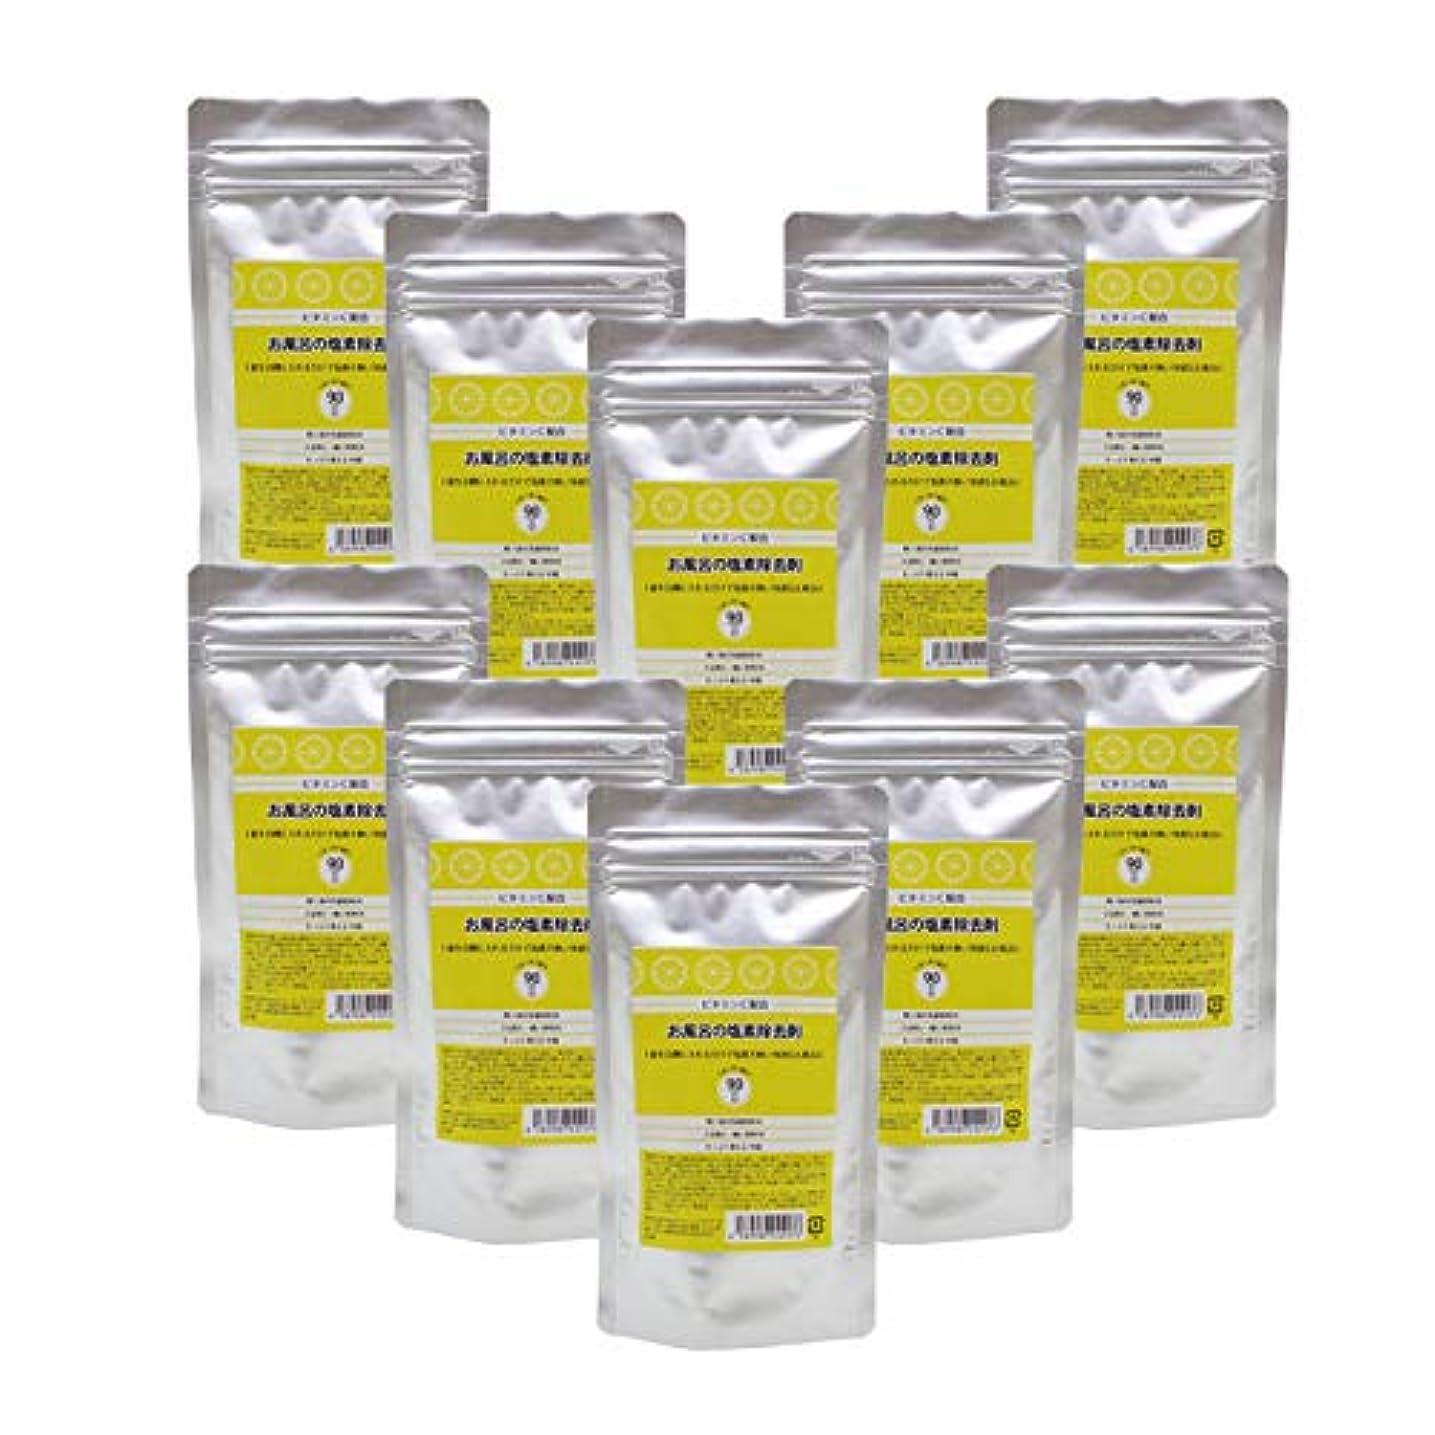 ごみヒロイックグローバルビタミンC配合 お風呂の塩素除去剤 錠剤タイプ 900錠 90錠×10袋 浴槽用脱塩素剤